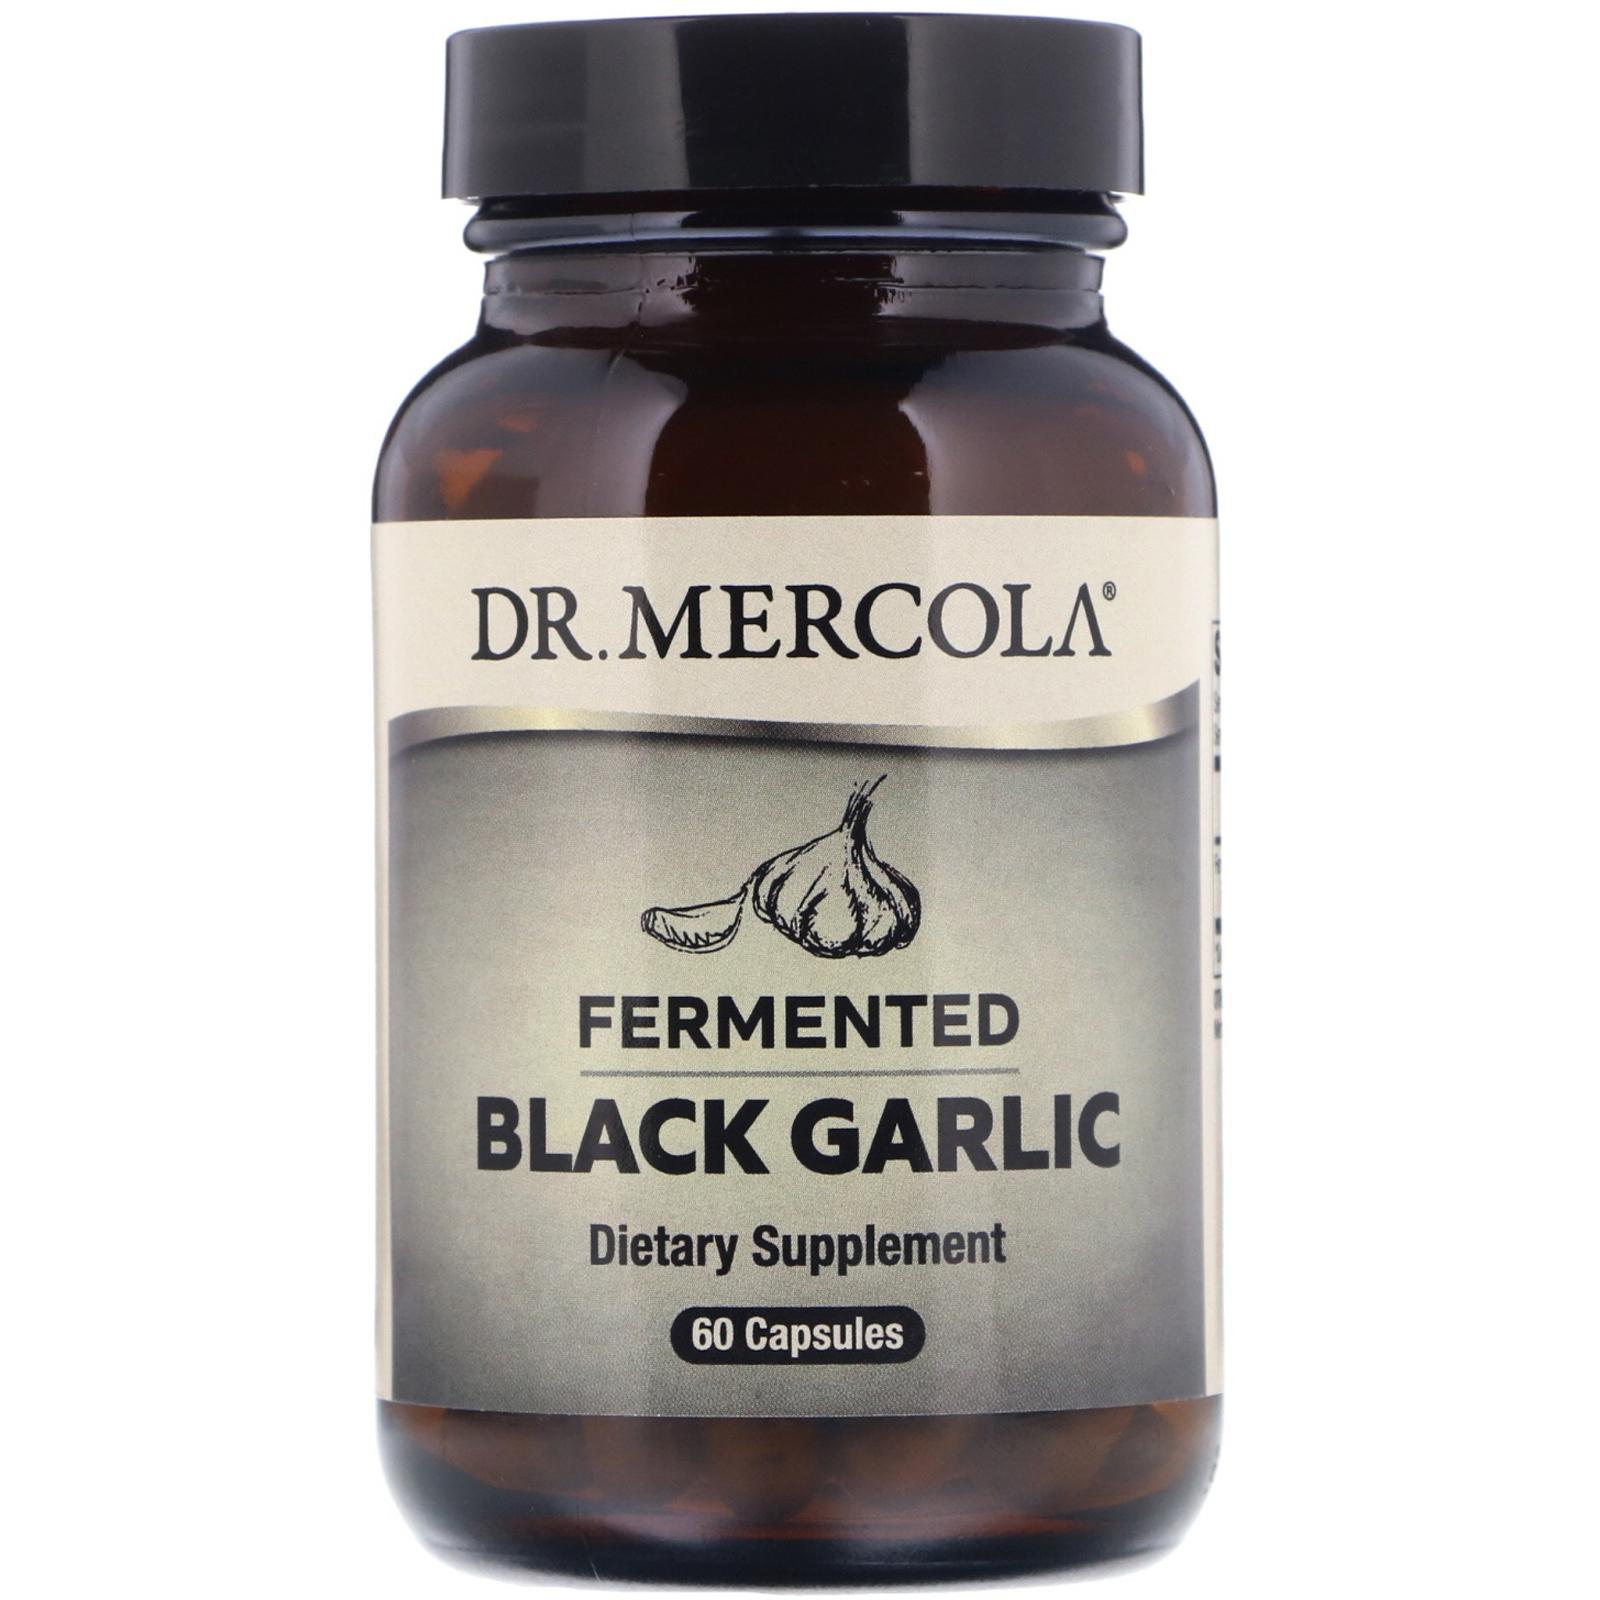 Image of Fermentato nero aglio (60 capsule) - Dr. Mercola 0813006015820